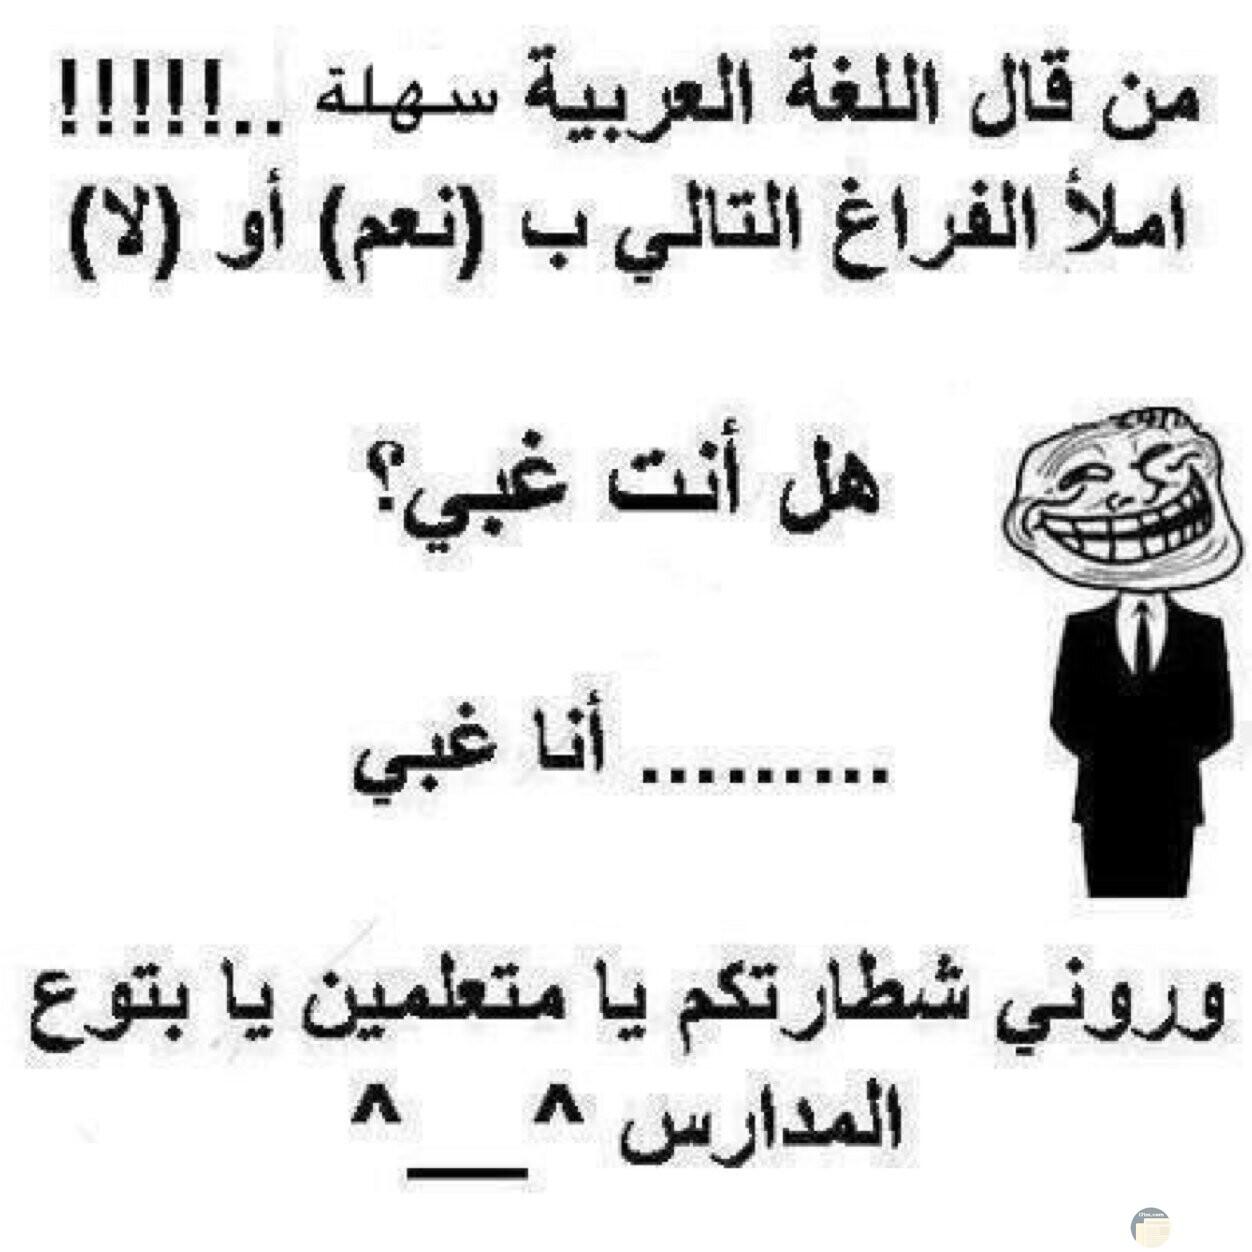 من قال اللغة العربية سهلة